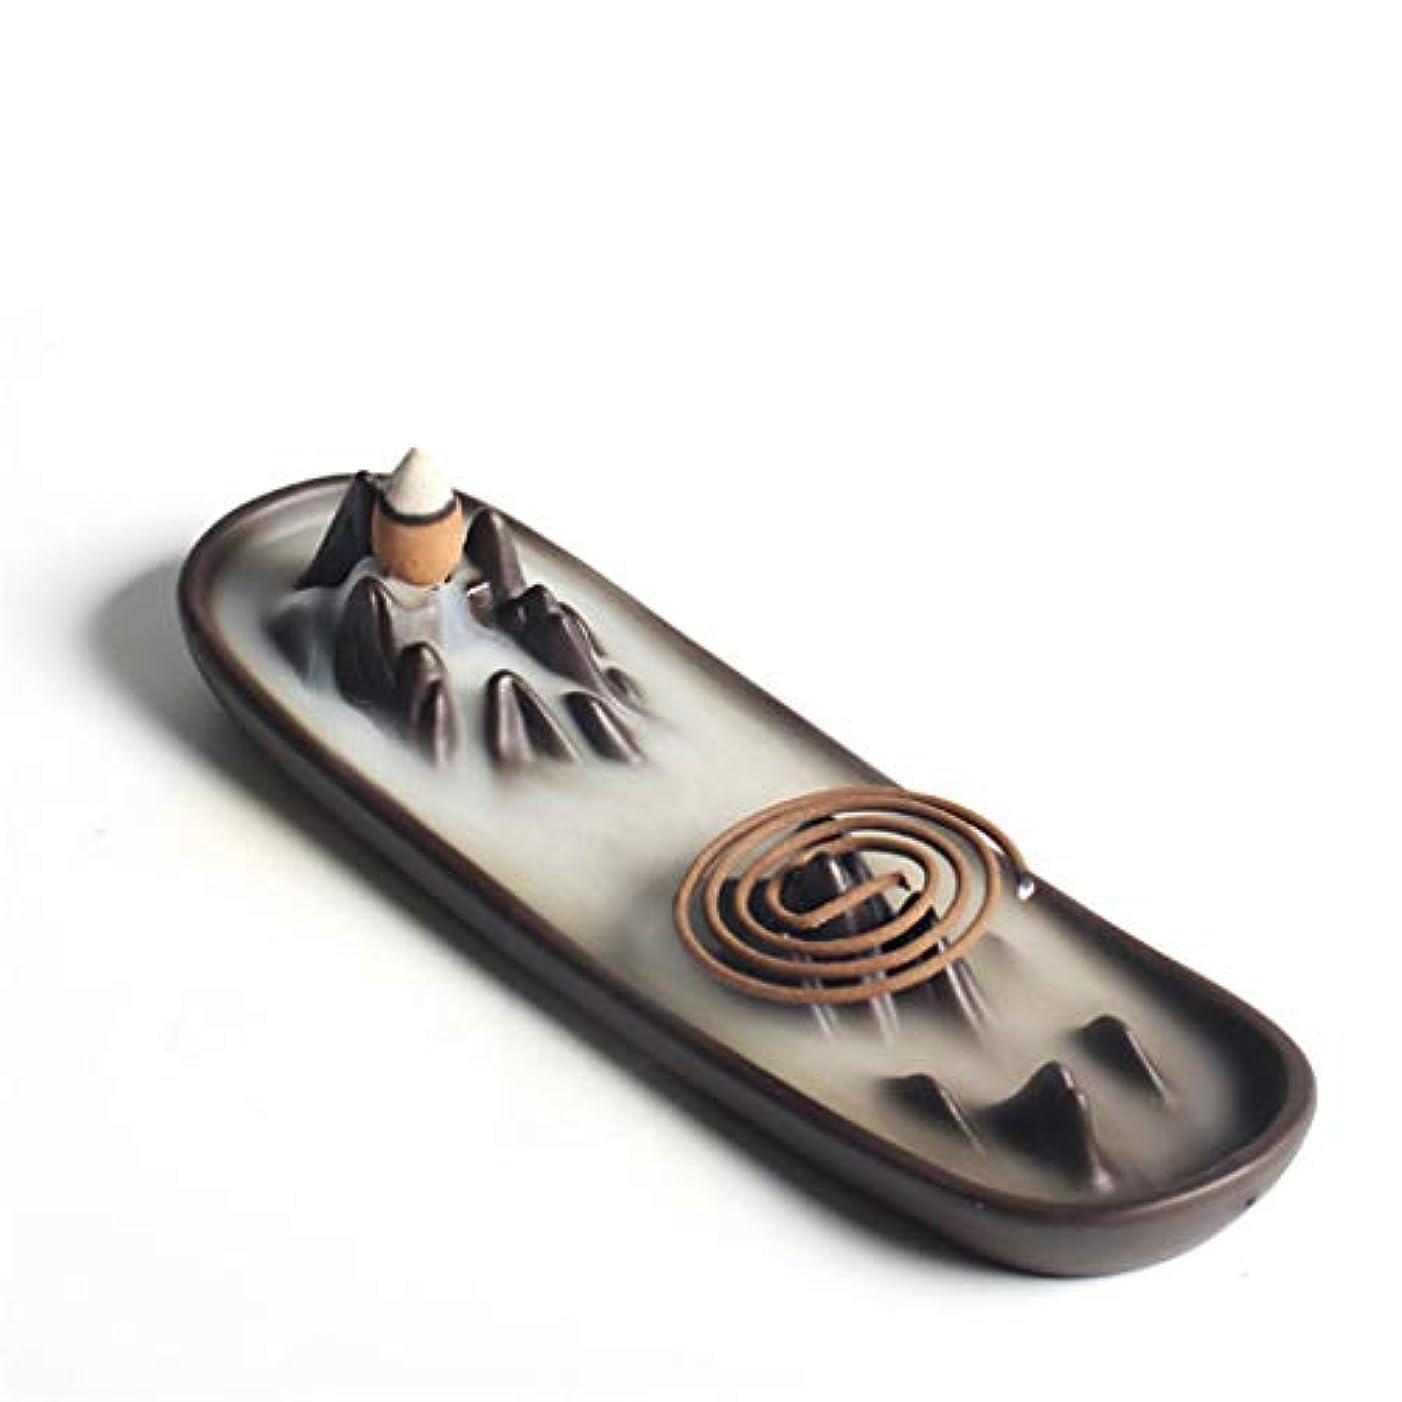 お香相談何もないホームアロマバーナー 逆流香バーナー家の装飾セラミックアロマセラピー仏教の滝香炉香コイルスティックホルダー 芳香器アロマバーナー (Color : A)